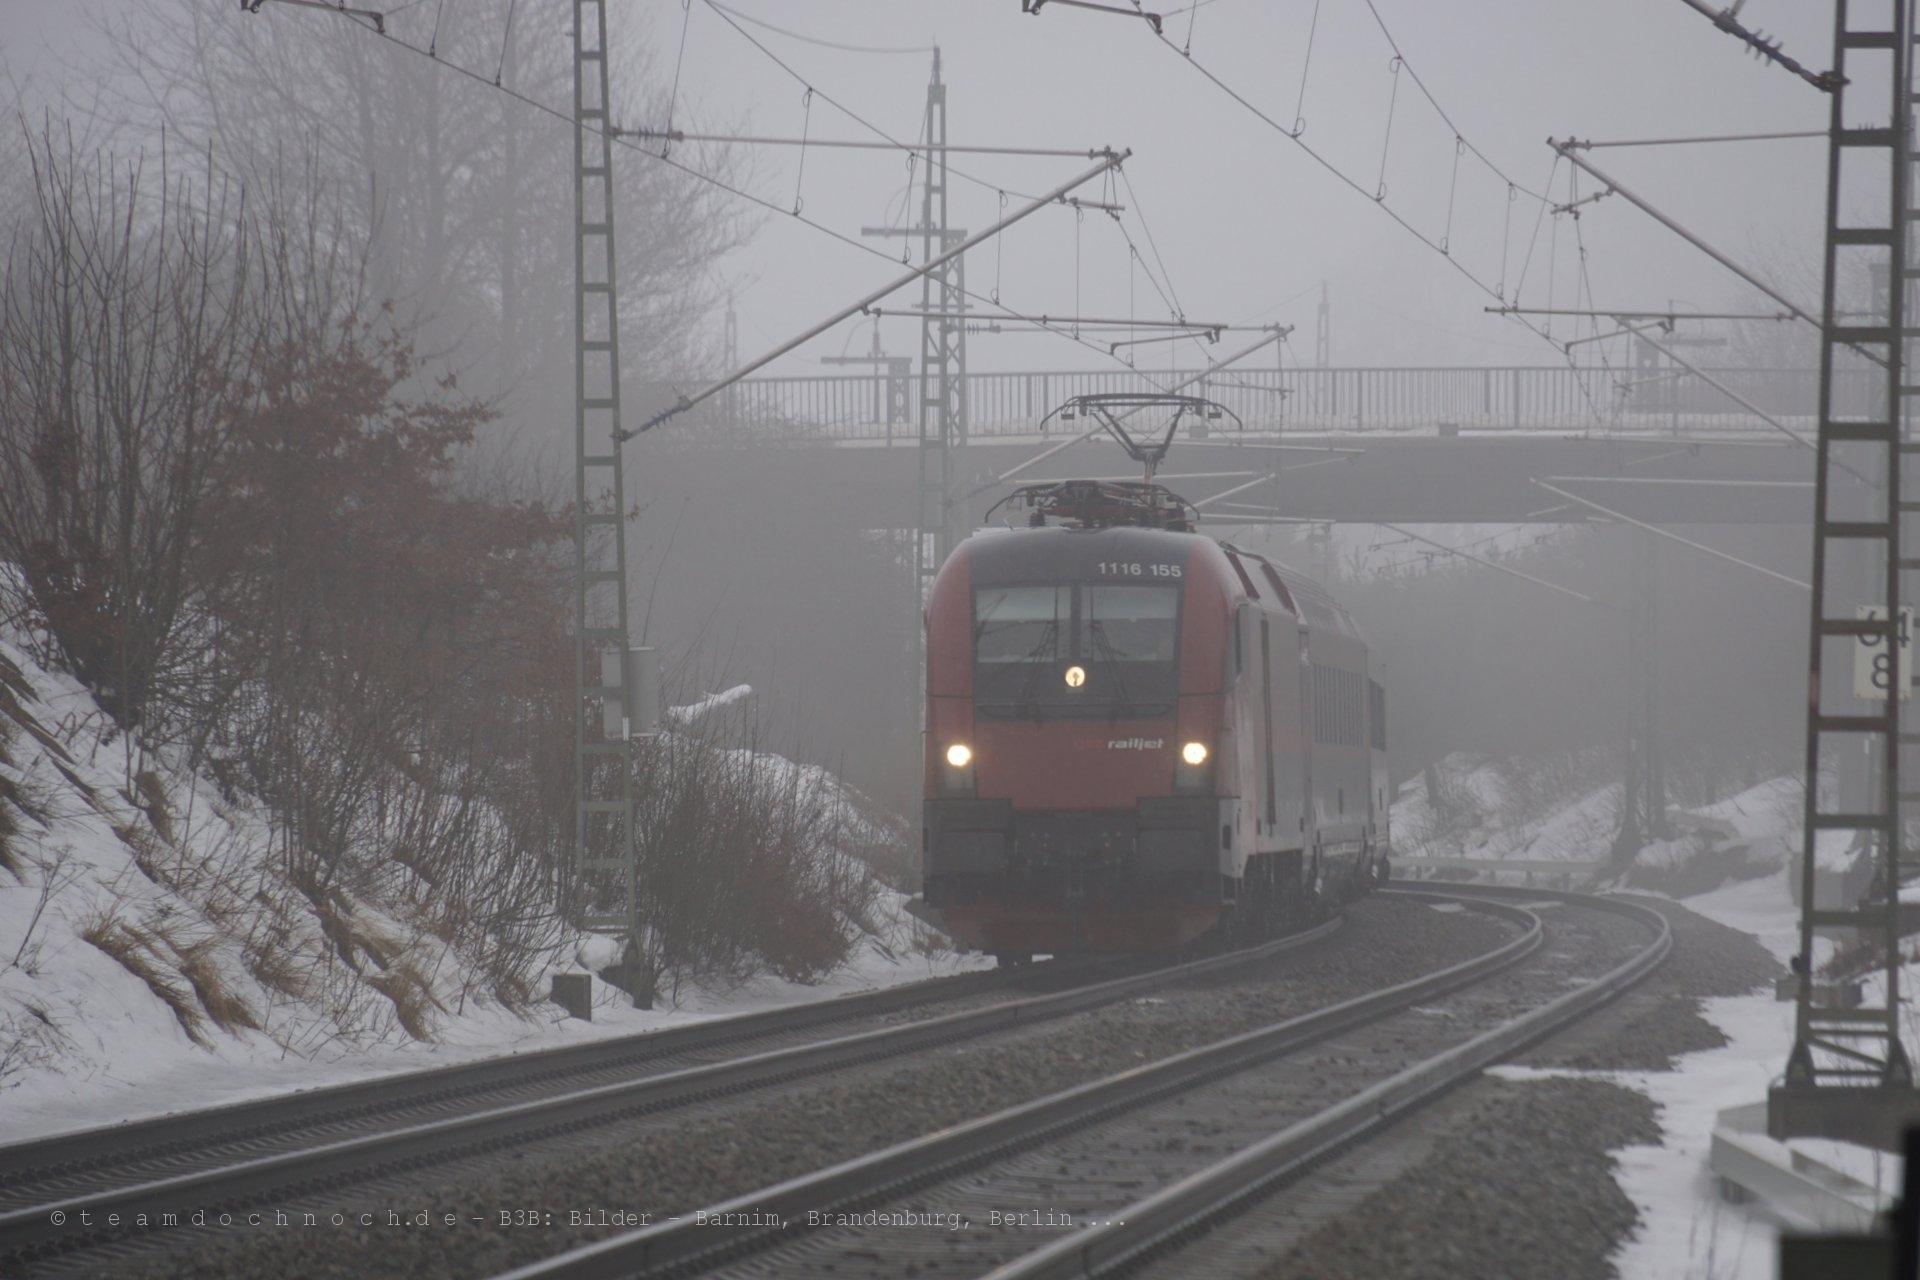 Ein Railjet kommt aus dem Nebel und verschwindet wieder